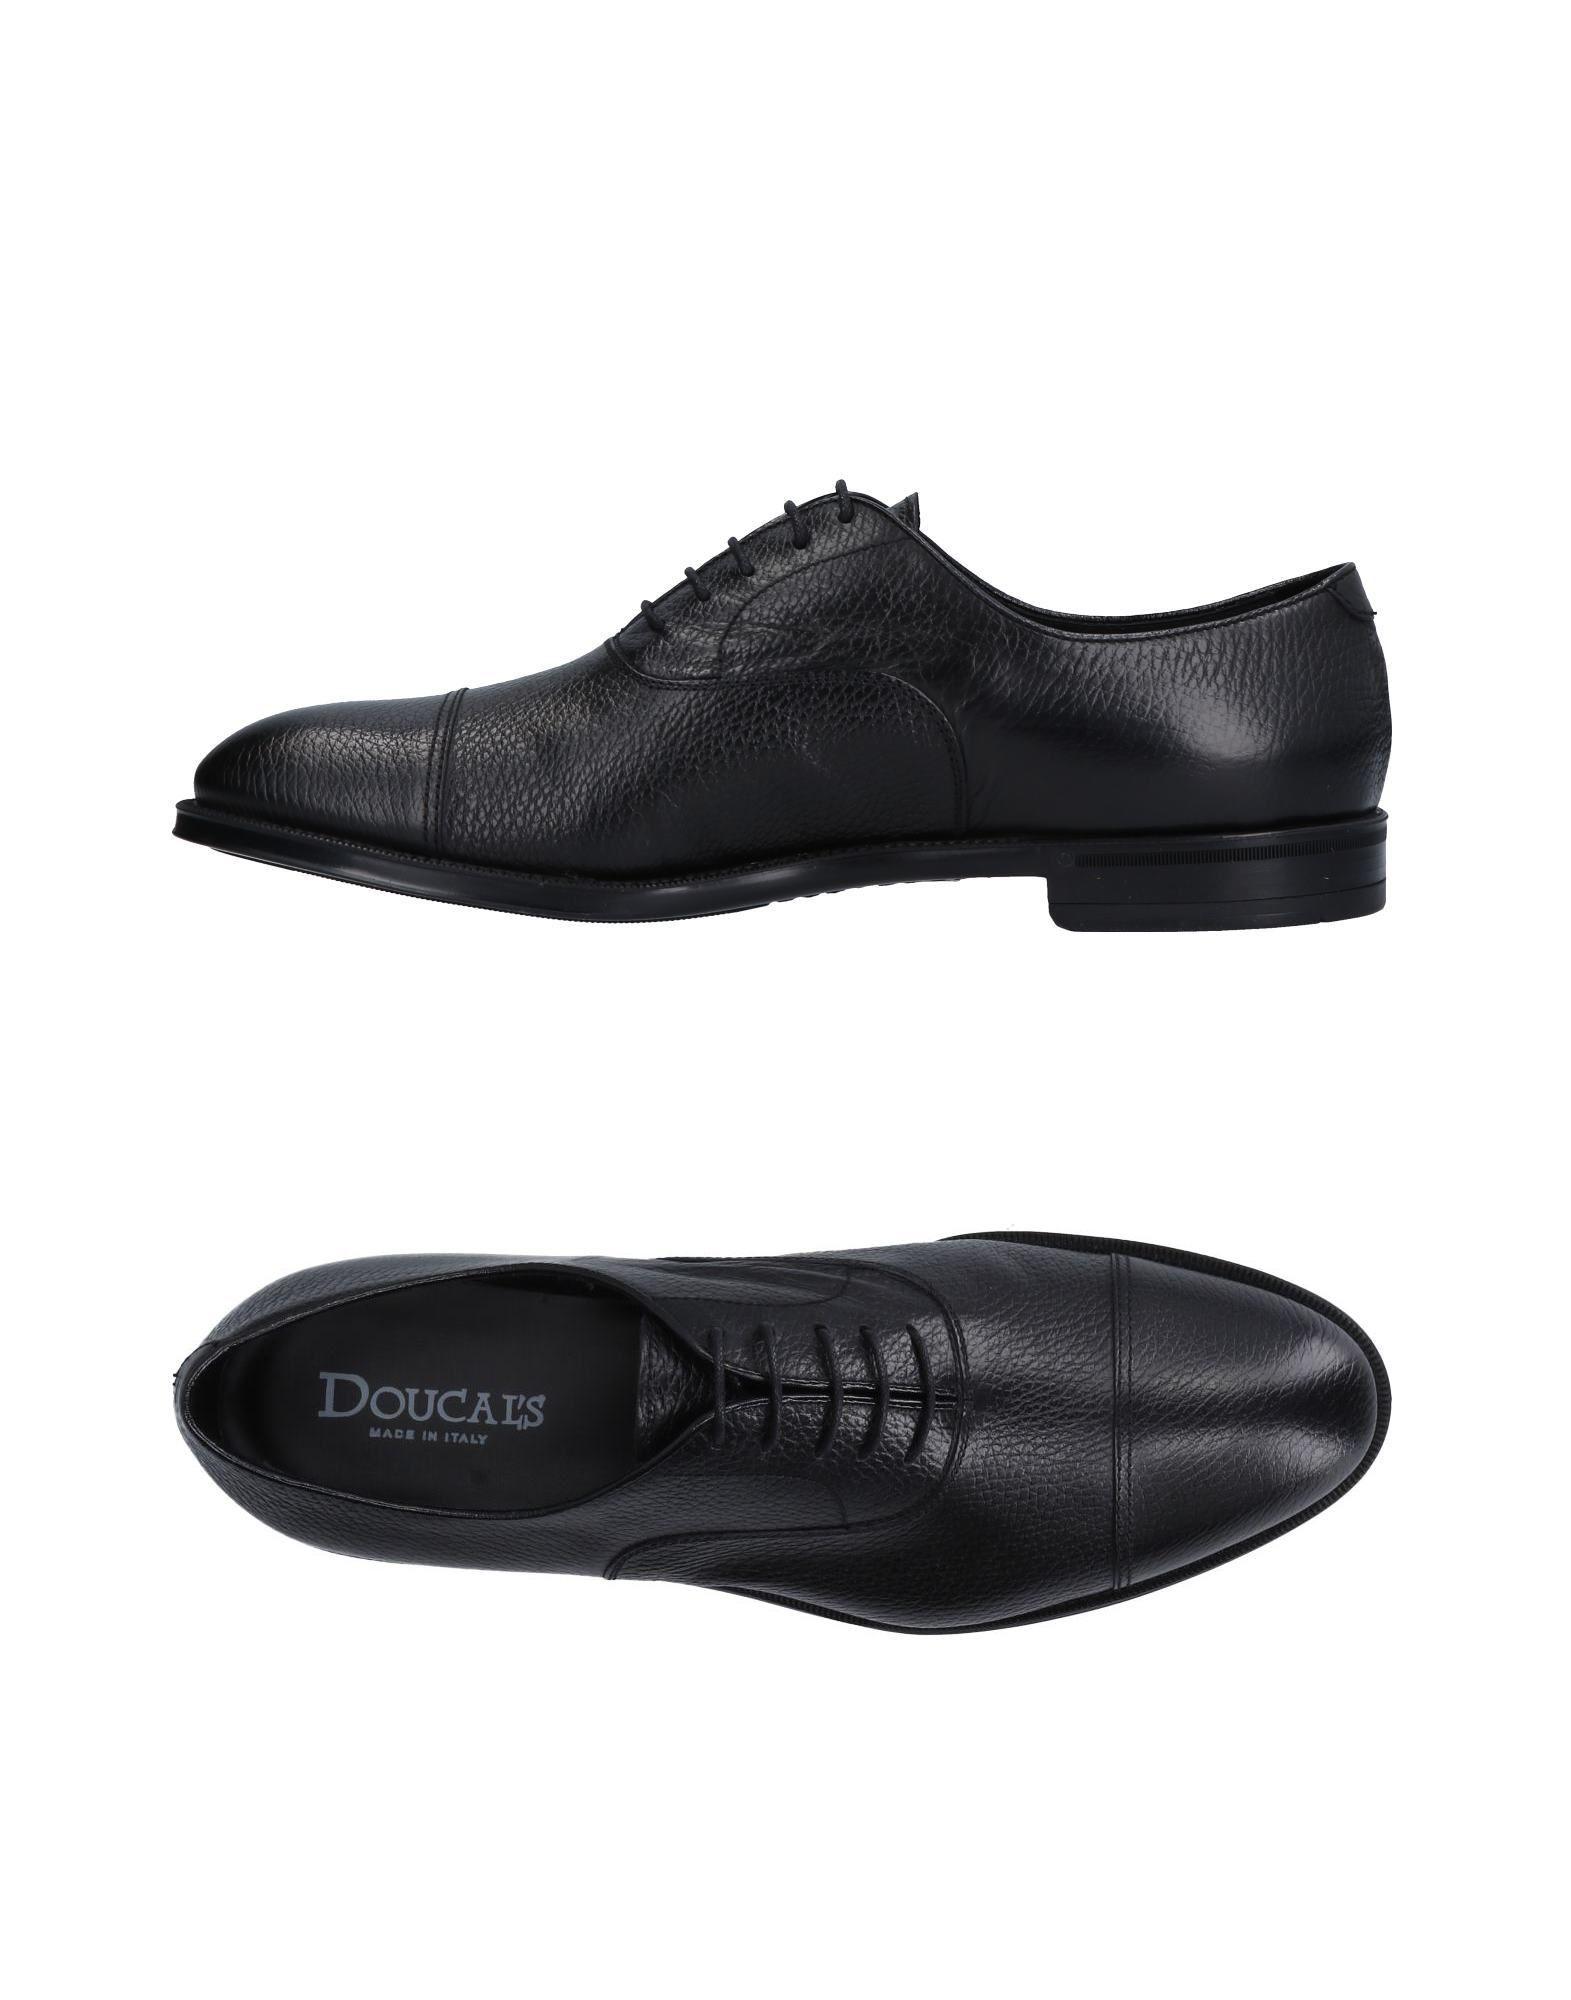 Doucal's Schnürschuhe Herren  11512097DF Gute Qualität beliebte Schuhe